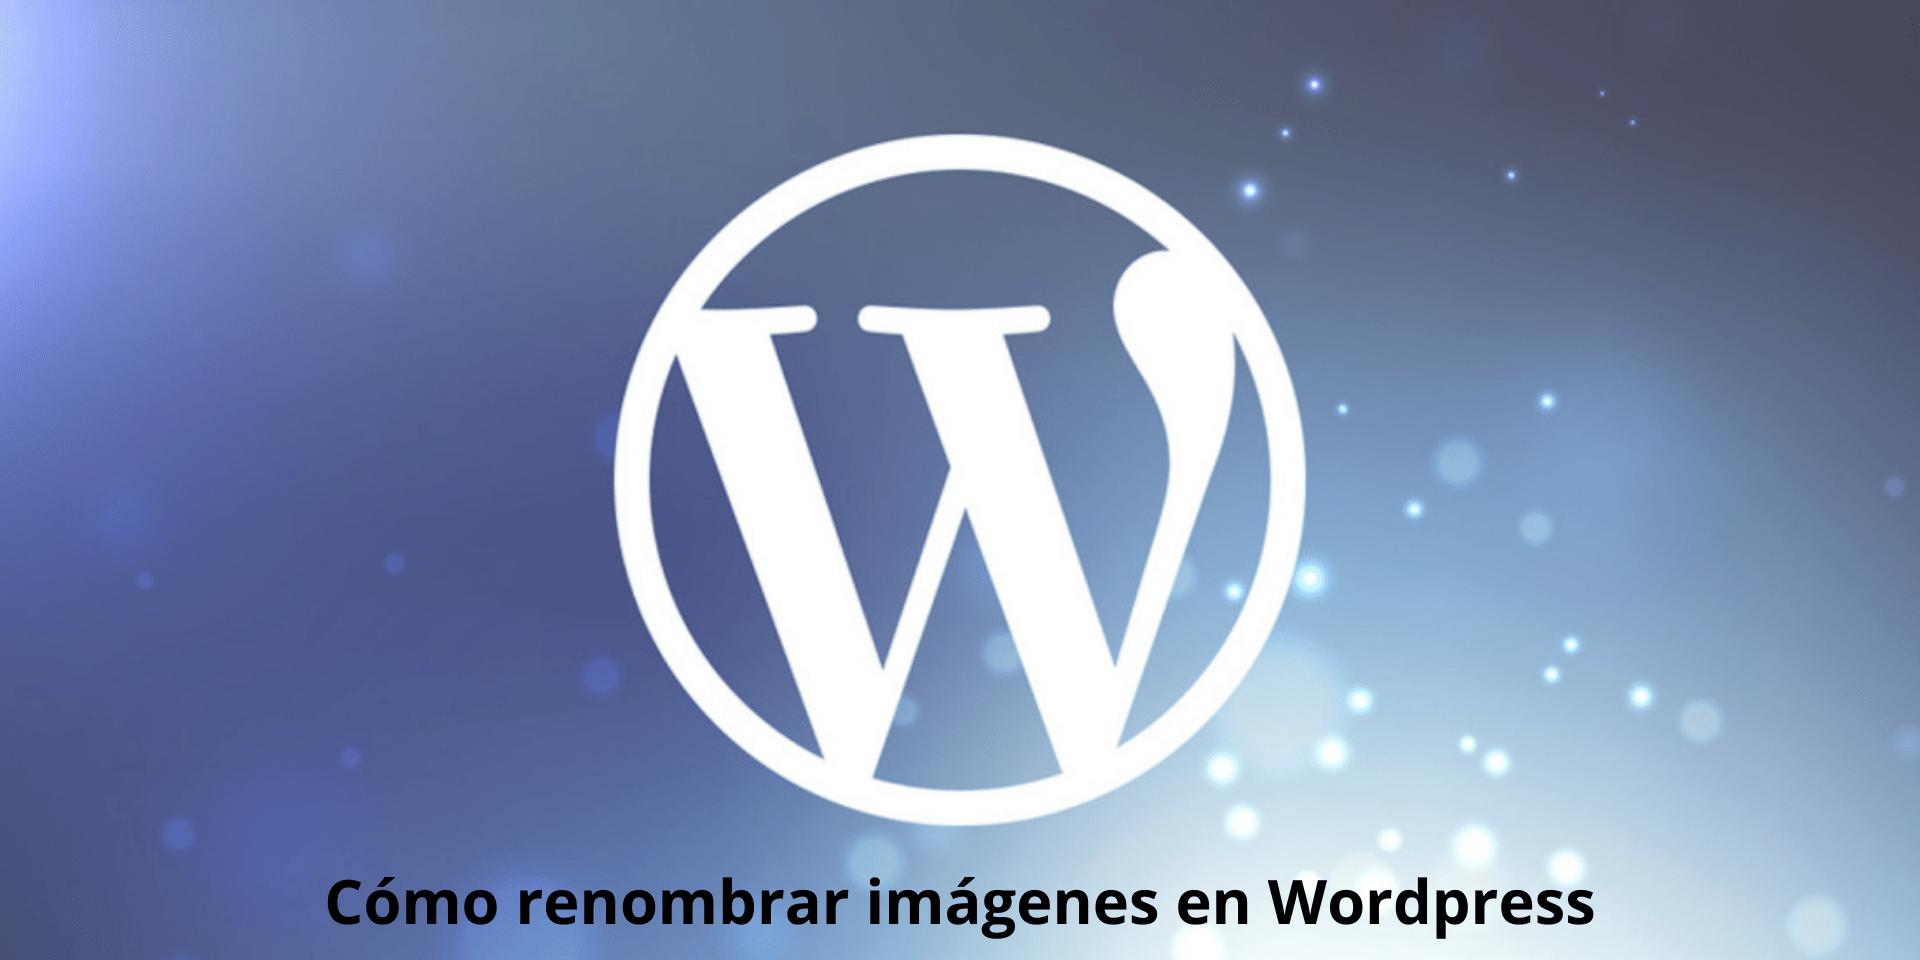 Cómo renombrar imágenes en WordPress